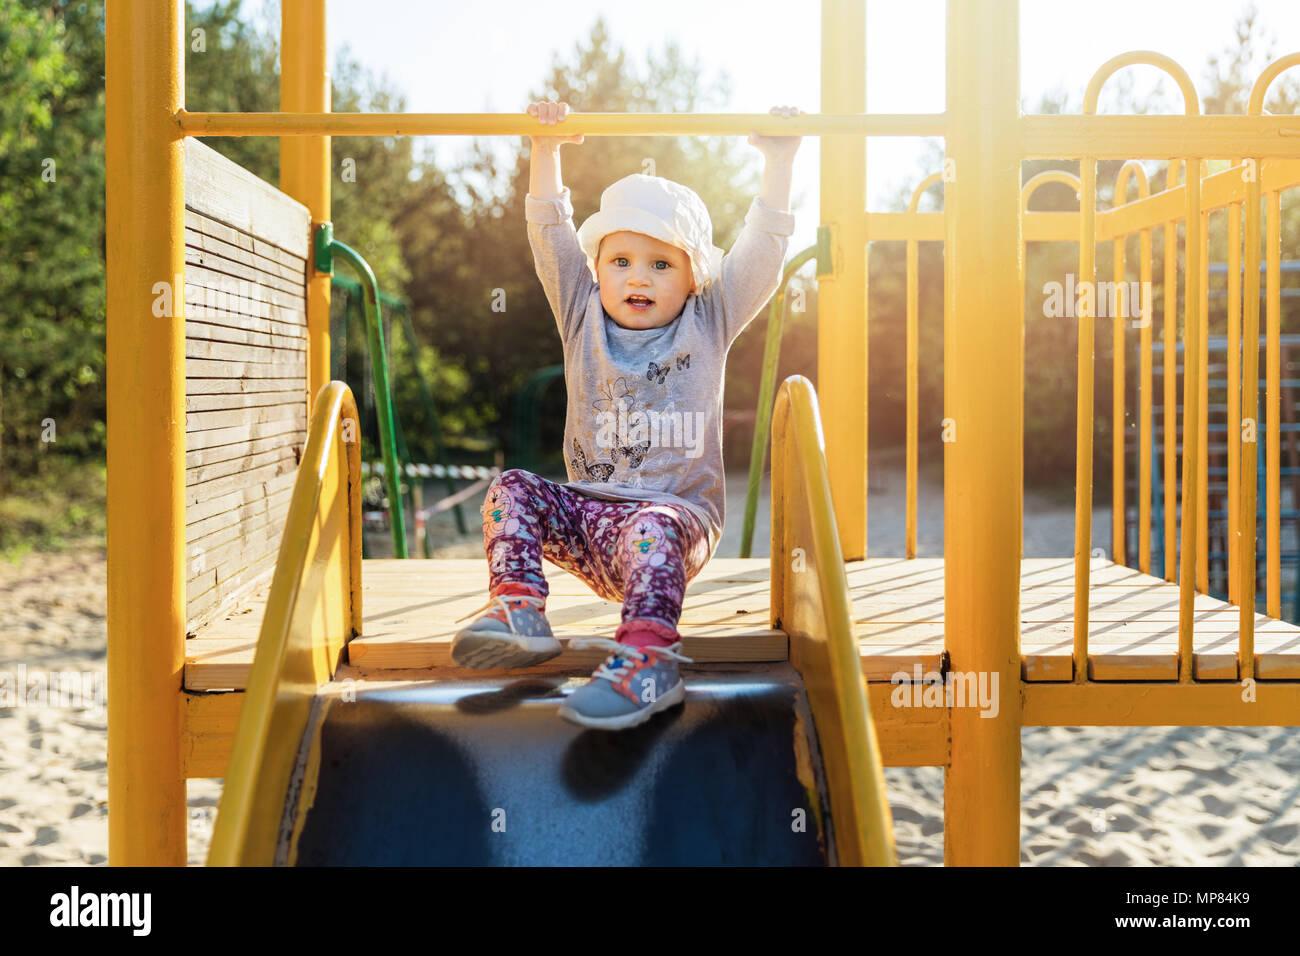 Bambino sul cursore, al parco giochi Immagini Stock